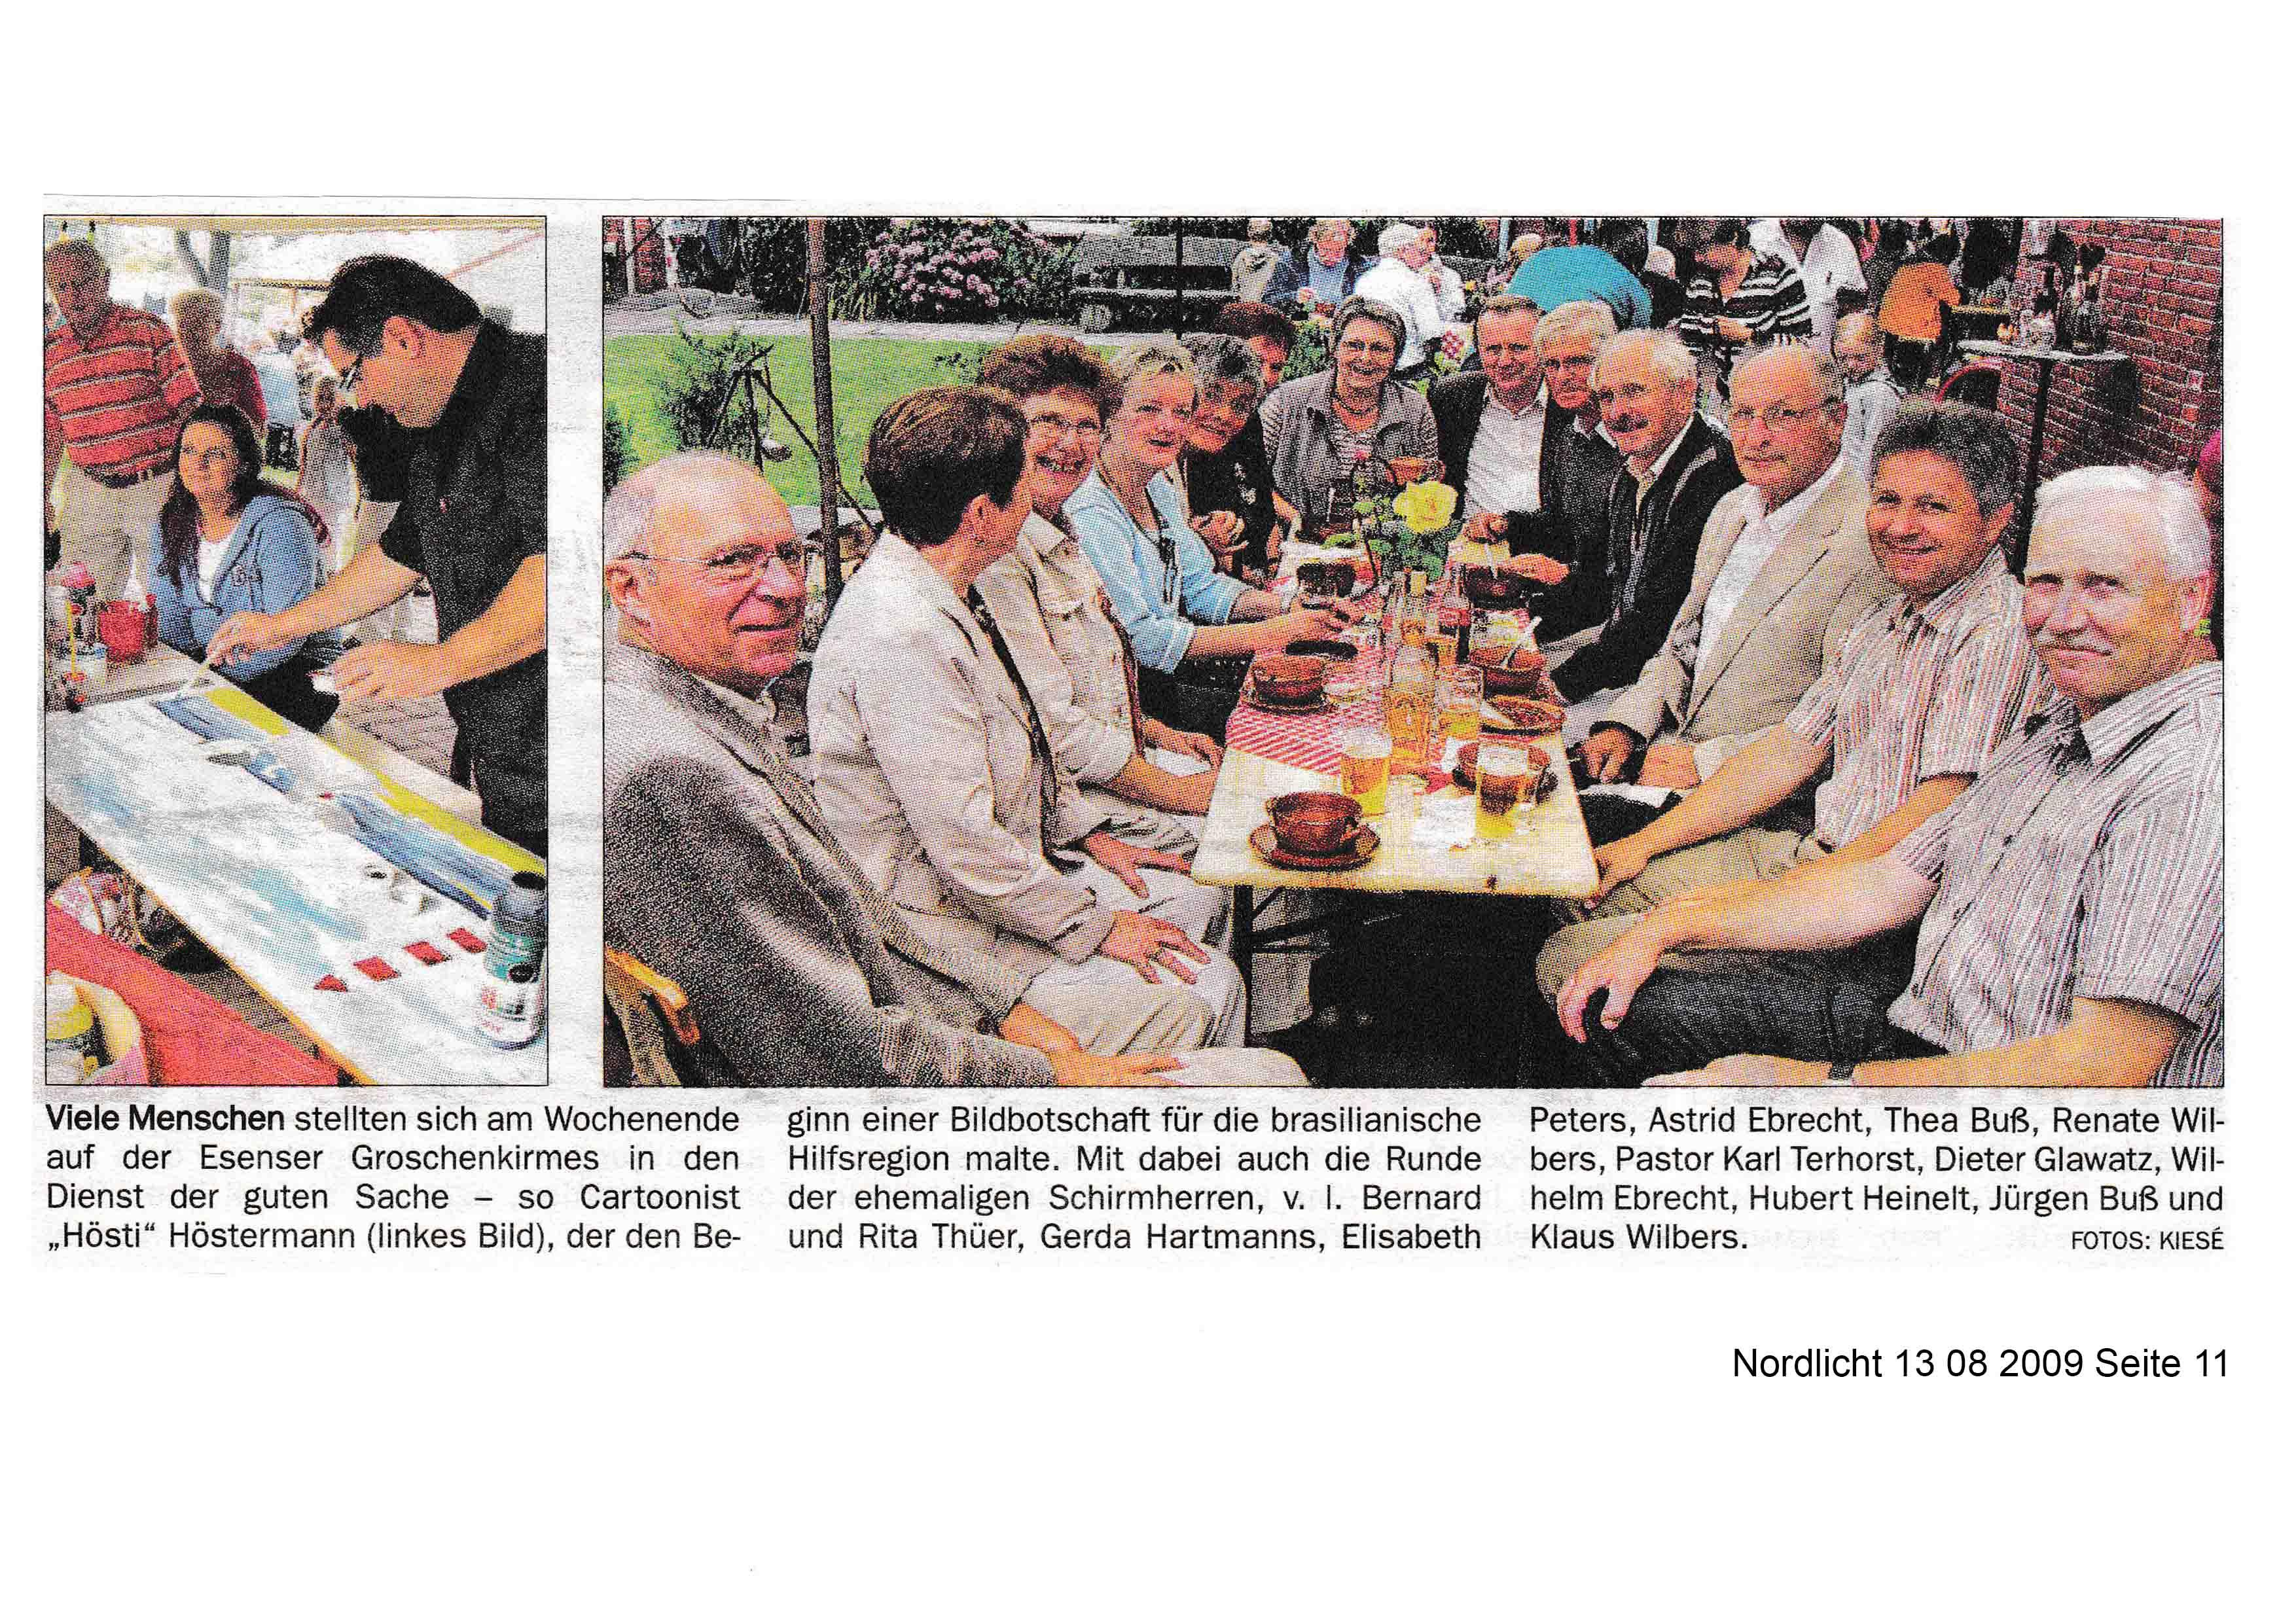 Nordlicht 13 08 2009 Seite 11